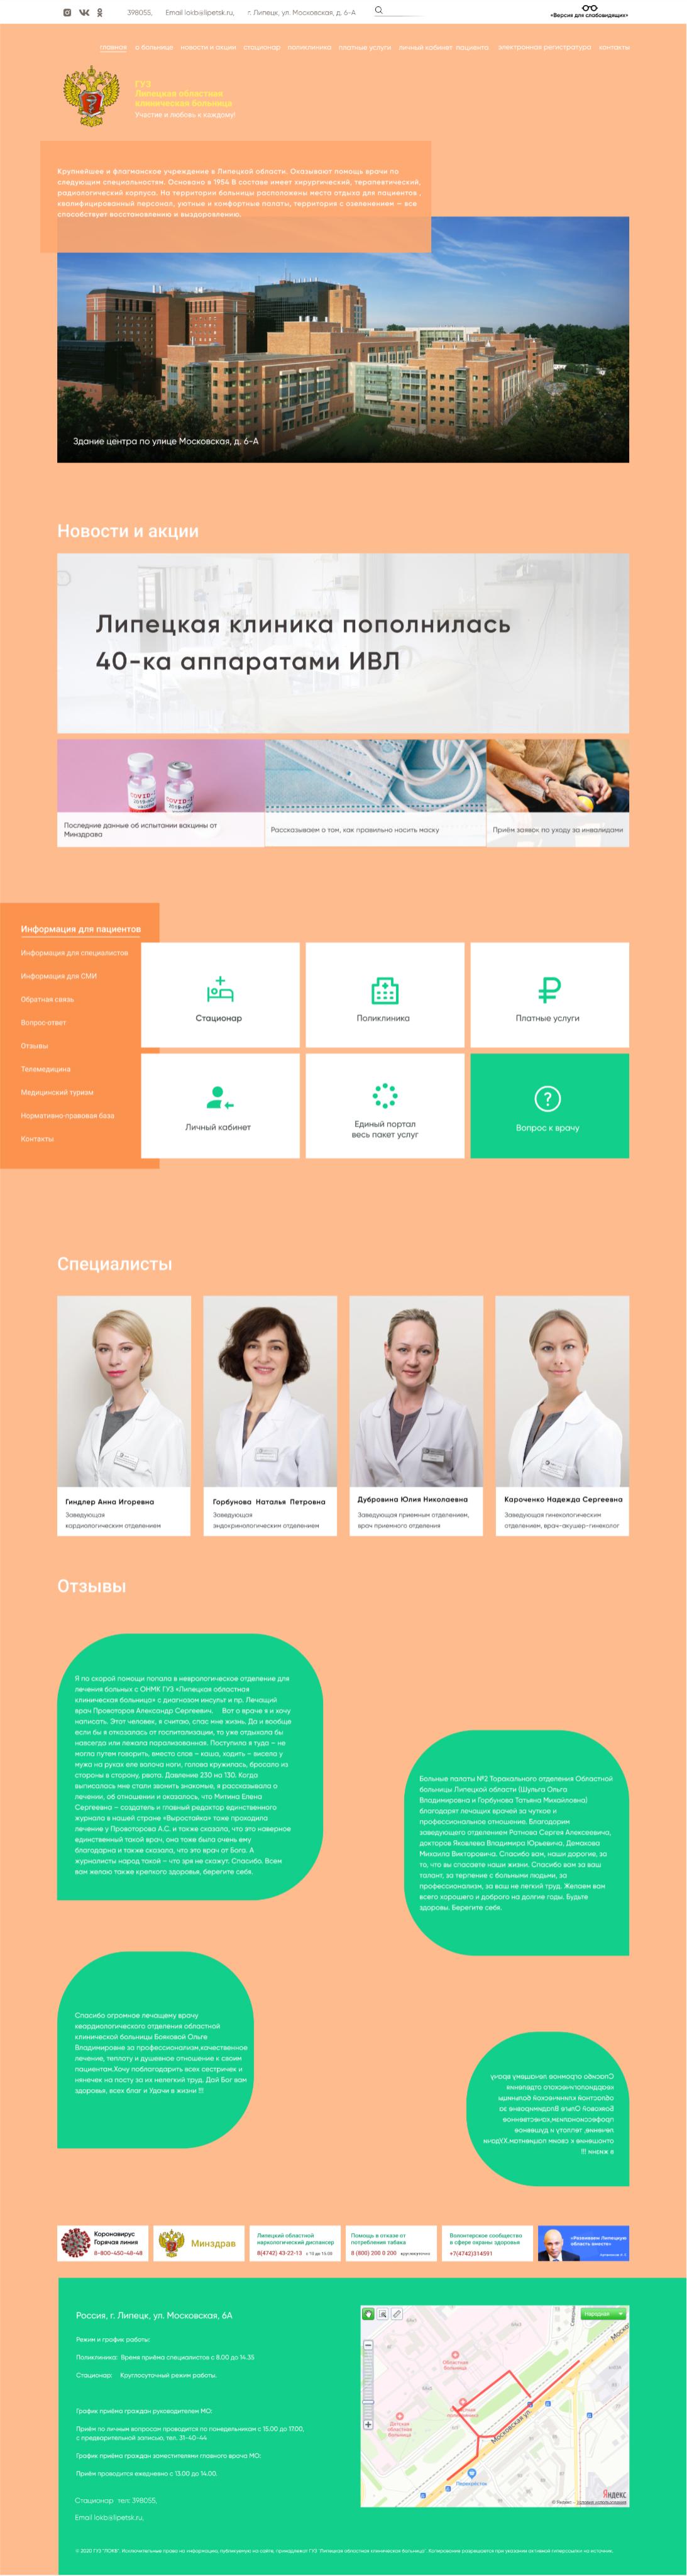 Дизайн для сайта больницы. Главная страница + 2 внутренних. фото f_2825fb43f399ace1.jpg